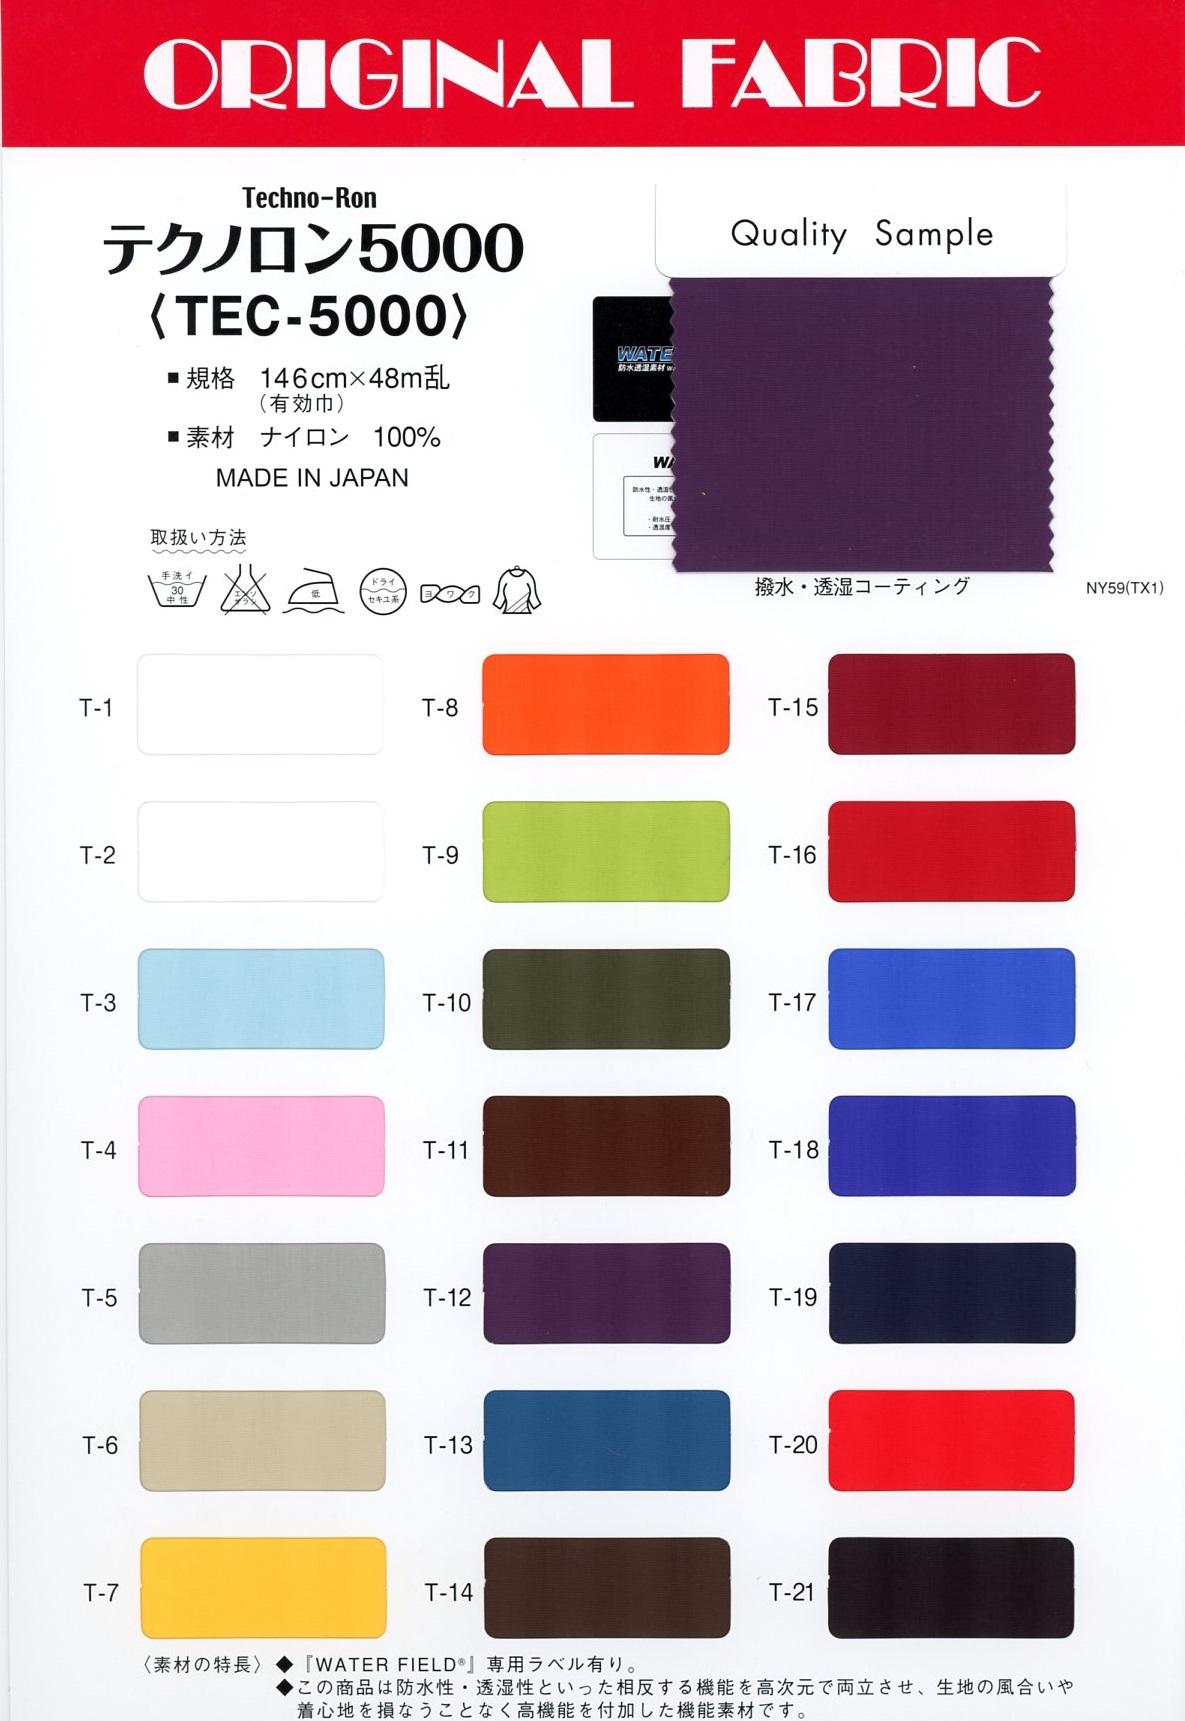 TEC-5000 テクノロン5000[生地] Masuda(マスダ)/オークラ商事 - ApparelX アパレル資材卸通販